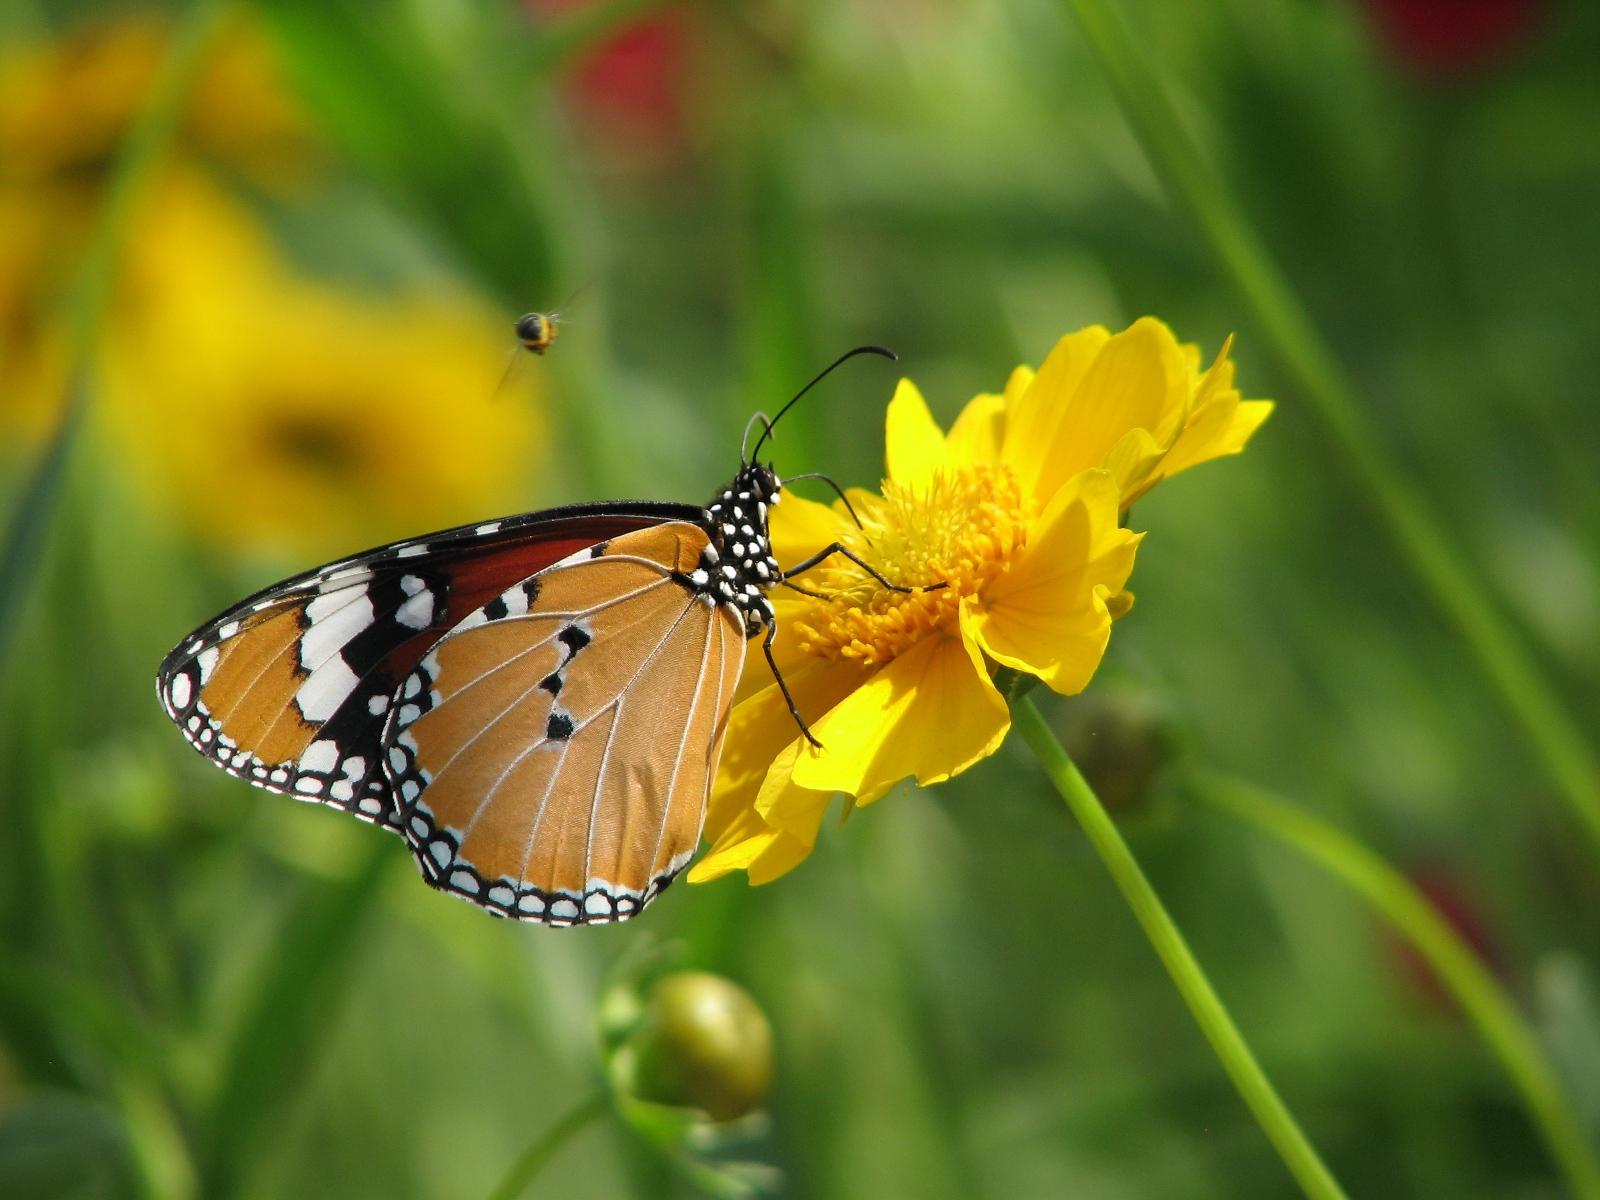 flowers for flower lovers.: HD flowers N butterfly desktop wallpapers.